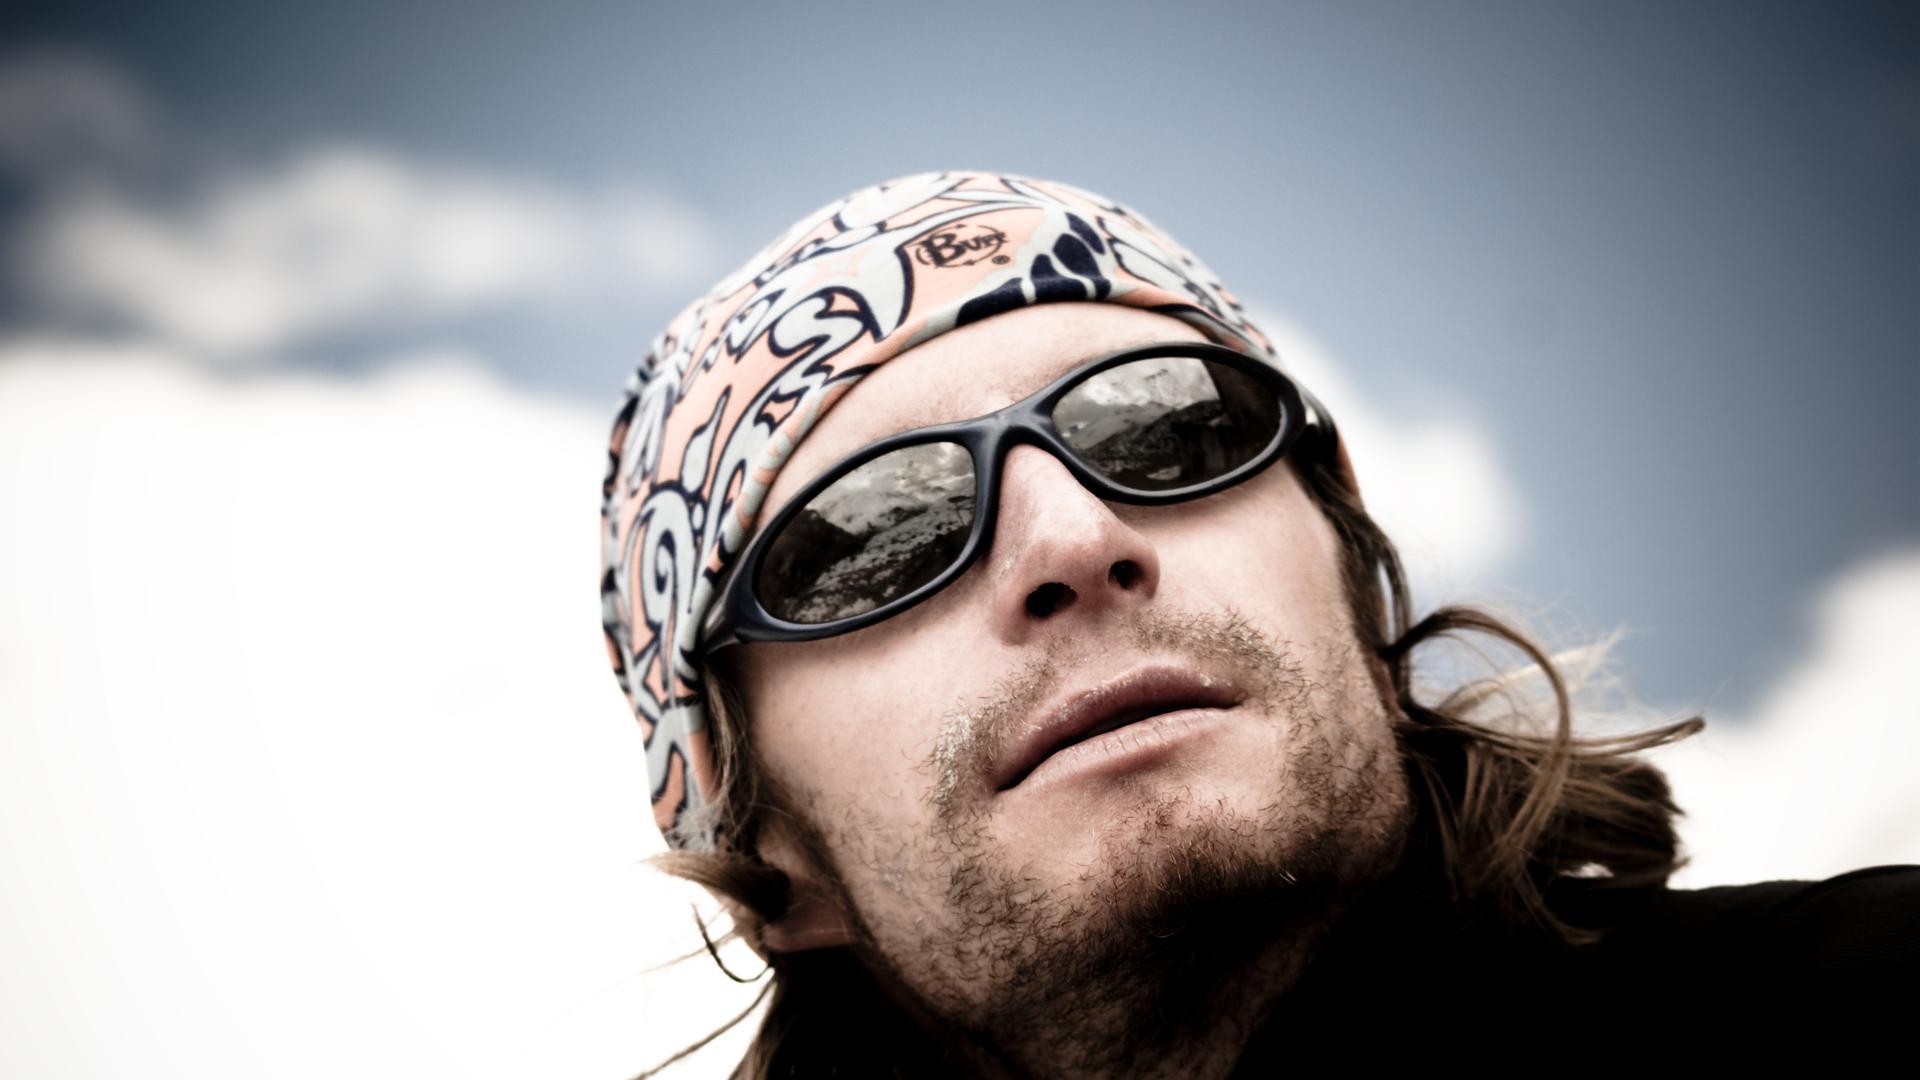 Norman Bücher aus Waldbronn ist Abenteurer und Extremläufer aus Leidenschaft. Das Foto entstand in Nepal.